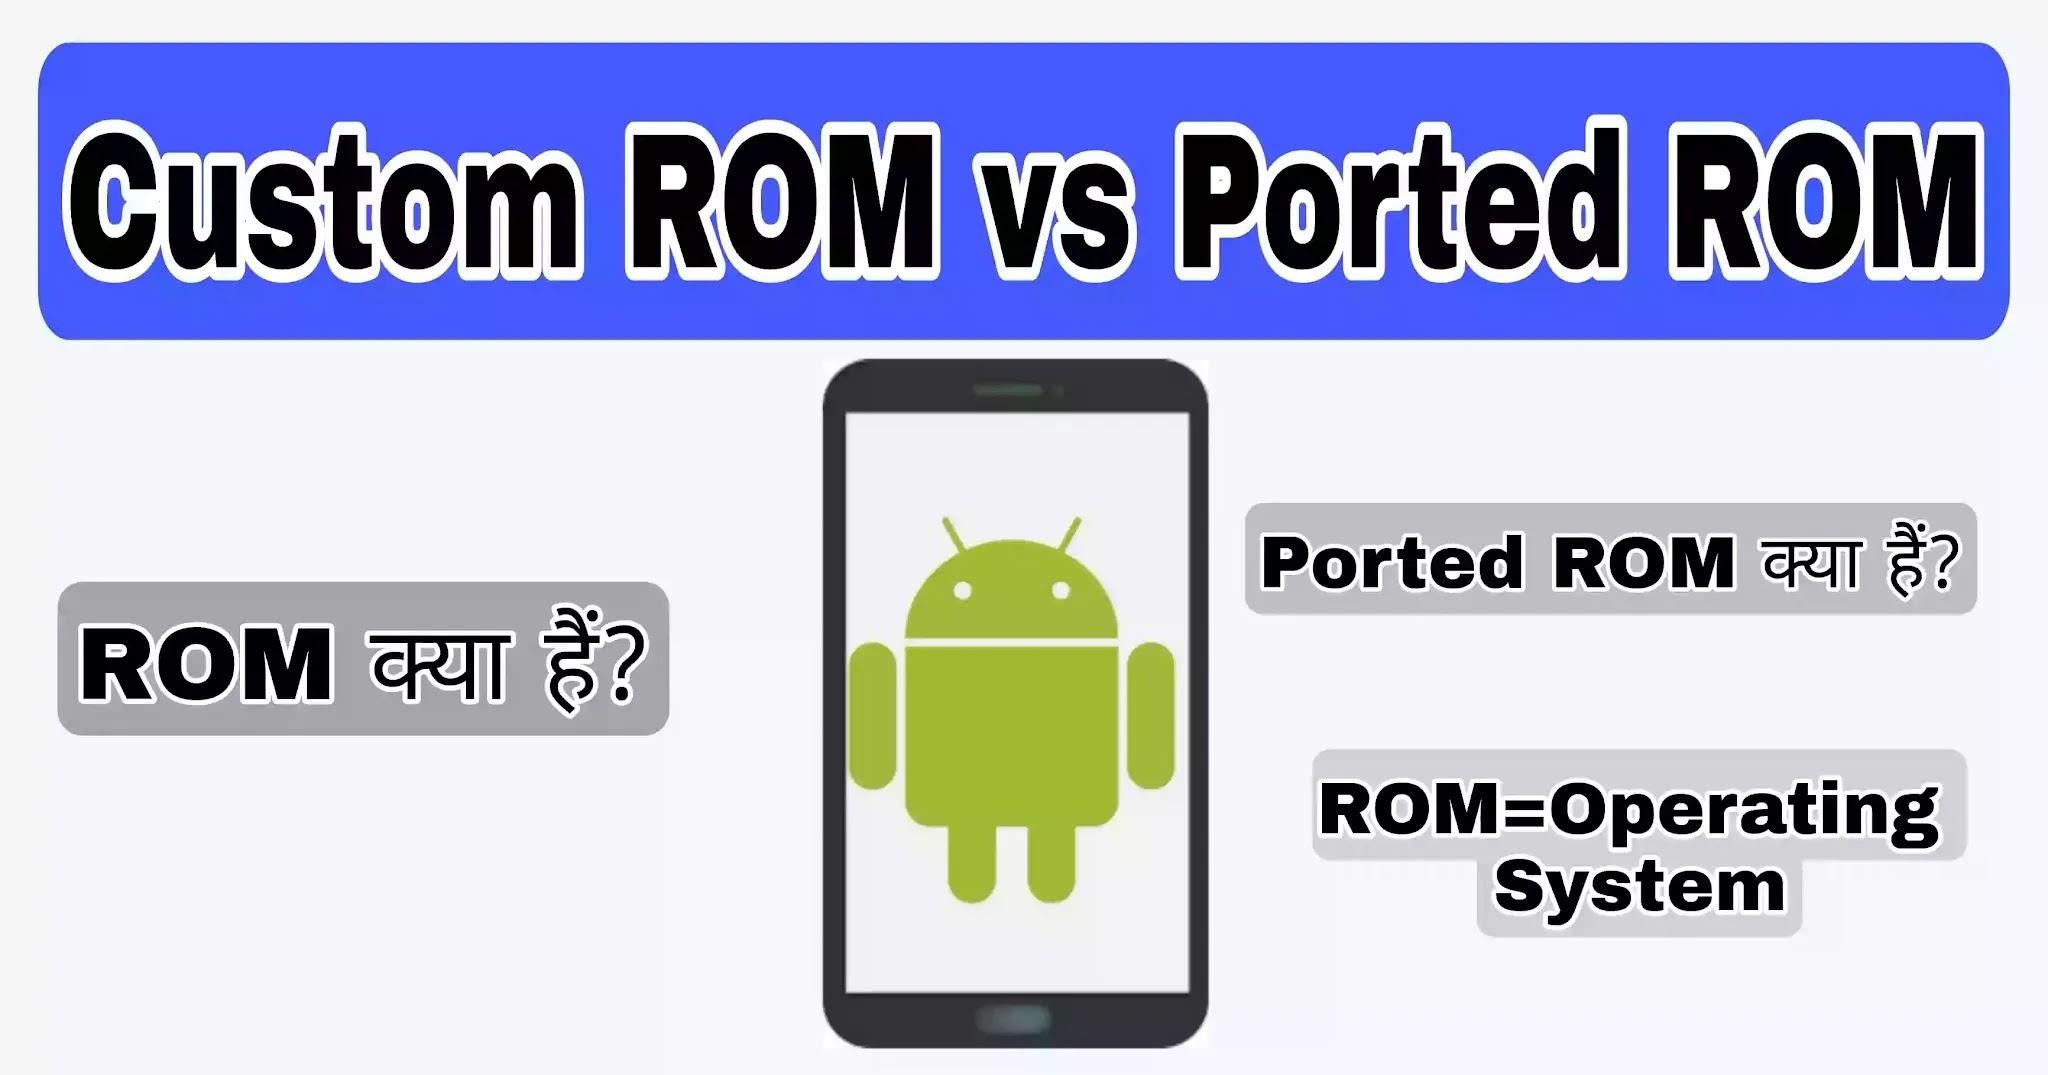 Custom-ROM-vs-Ported-ROM